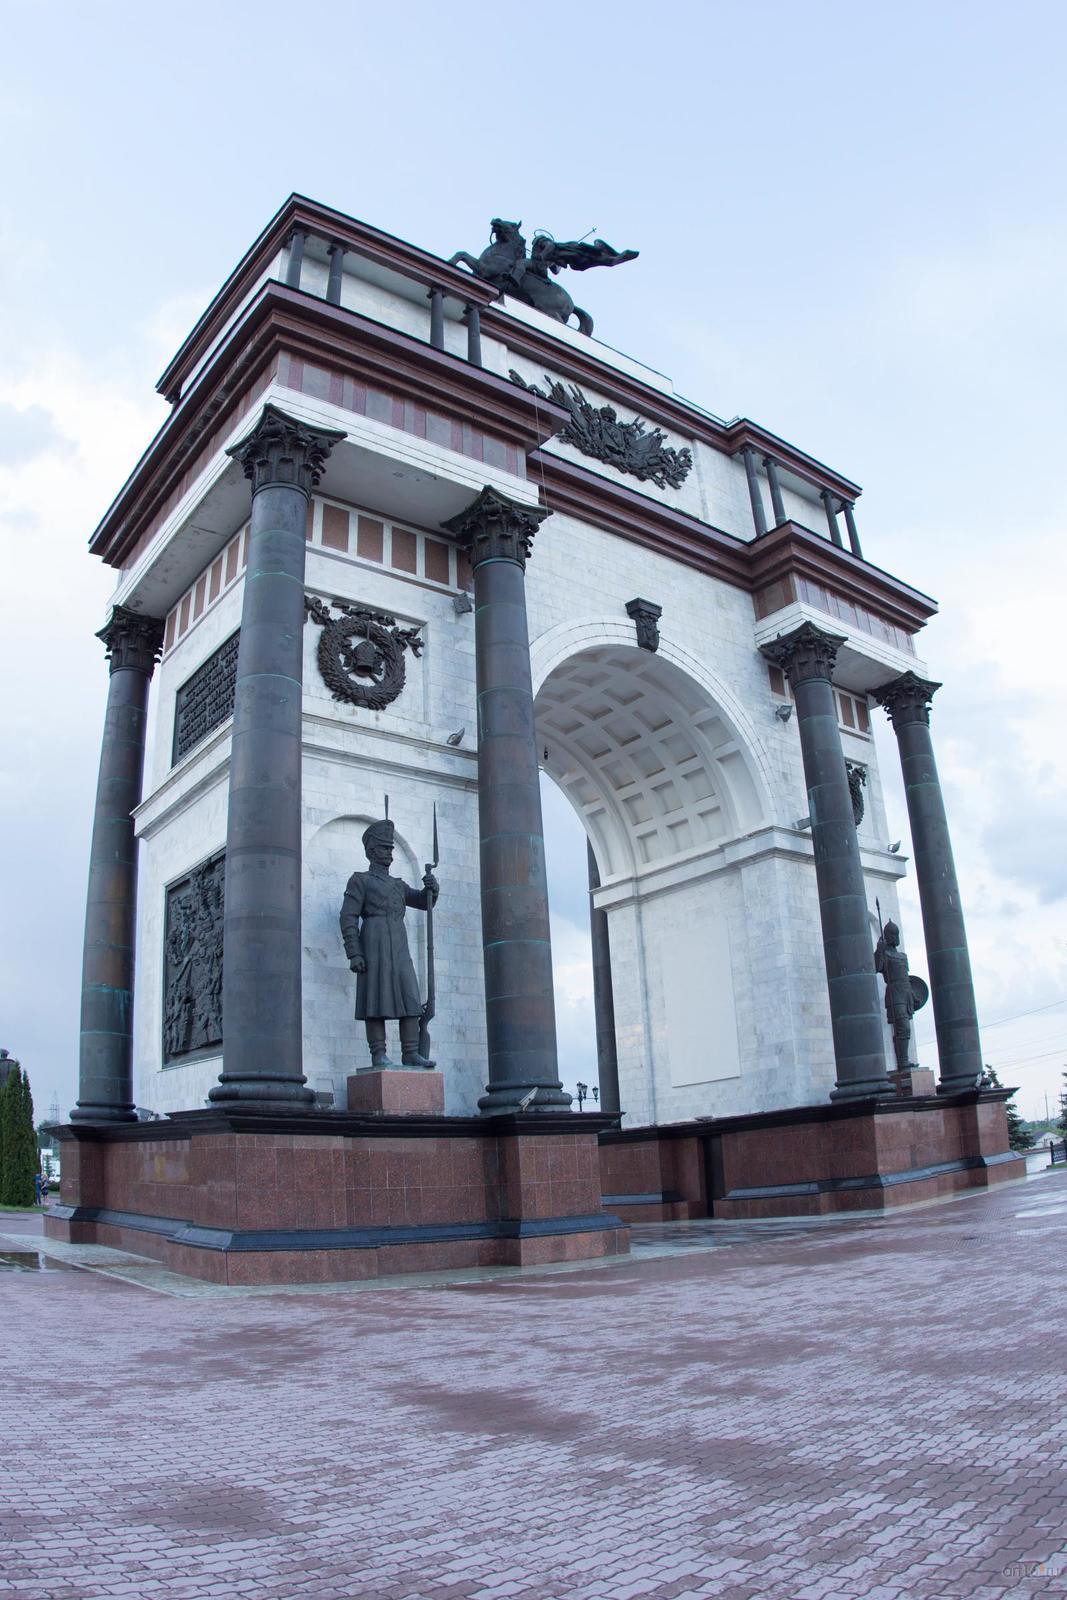 Фото №828819. Триумфальная арка, Курск, июнь 2015